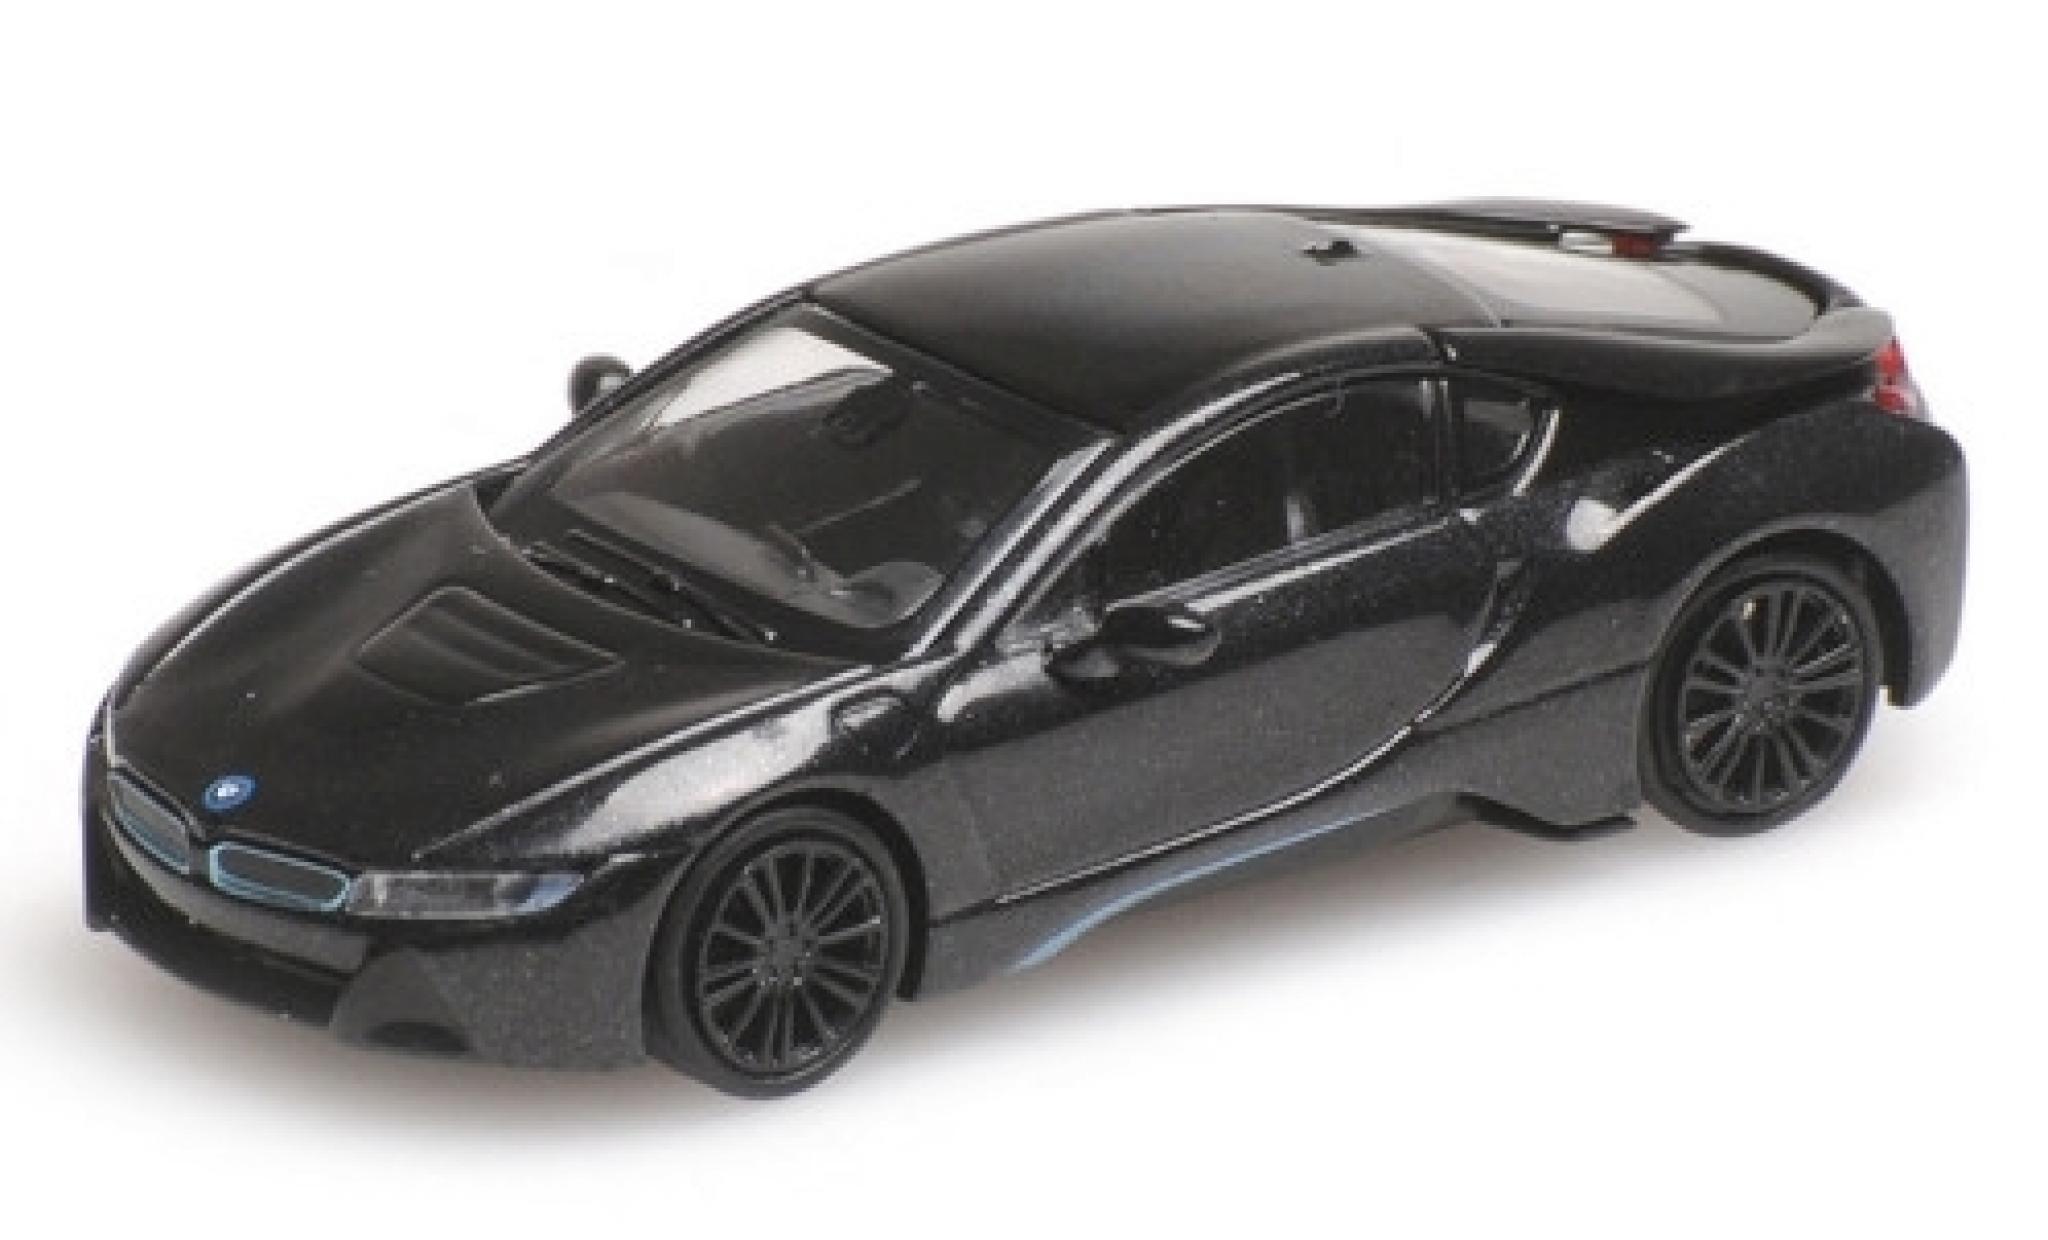 Bmw i8 1/87 Minichamps Coupe métallisé anthrazit 2015